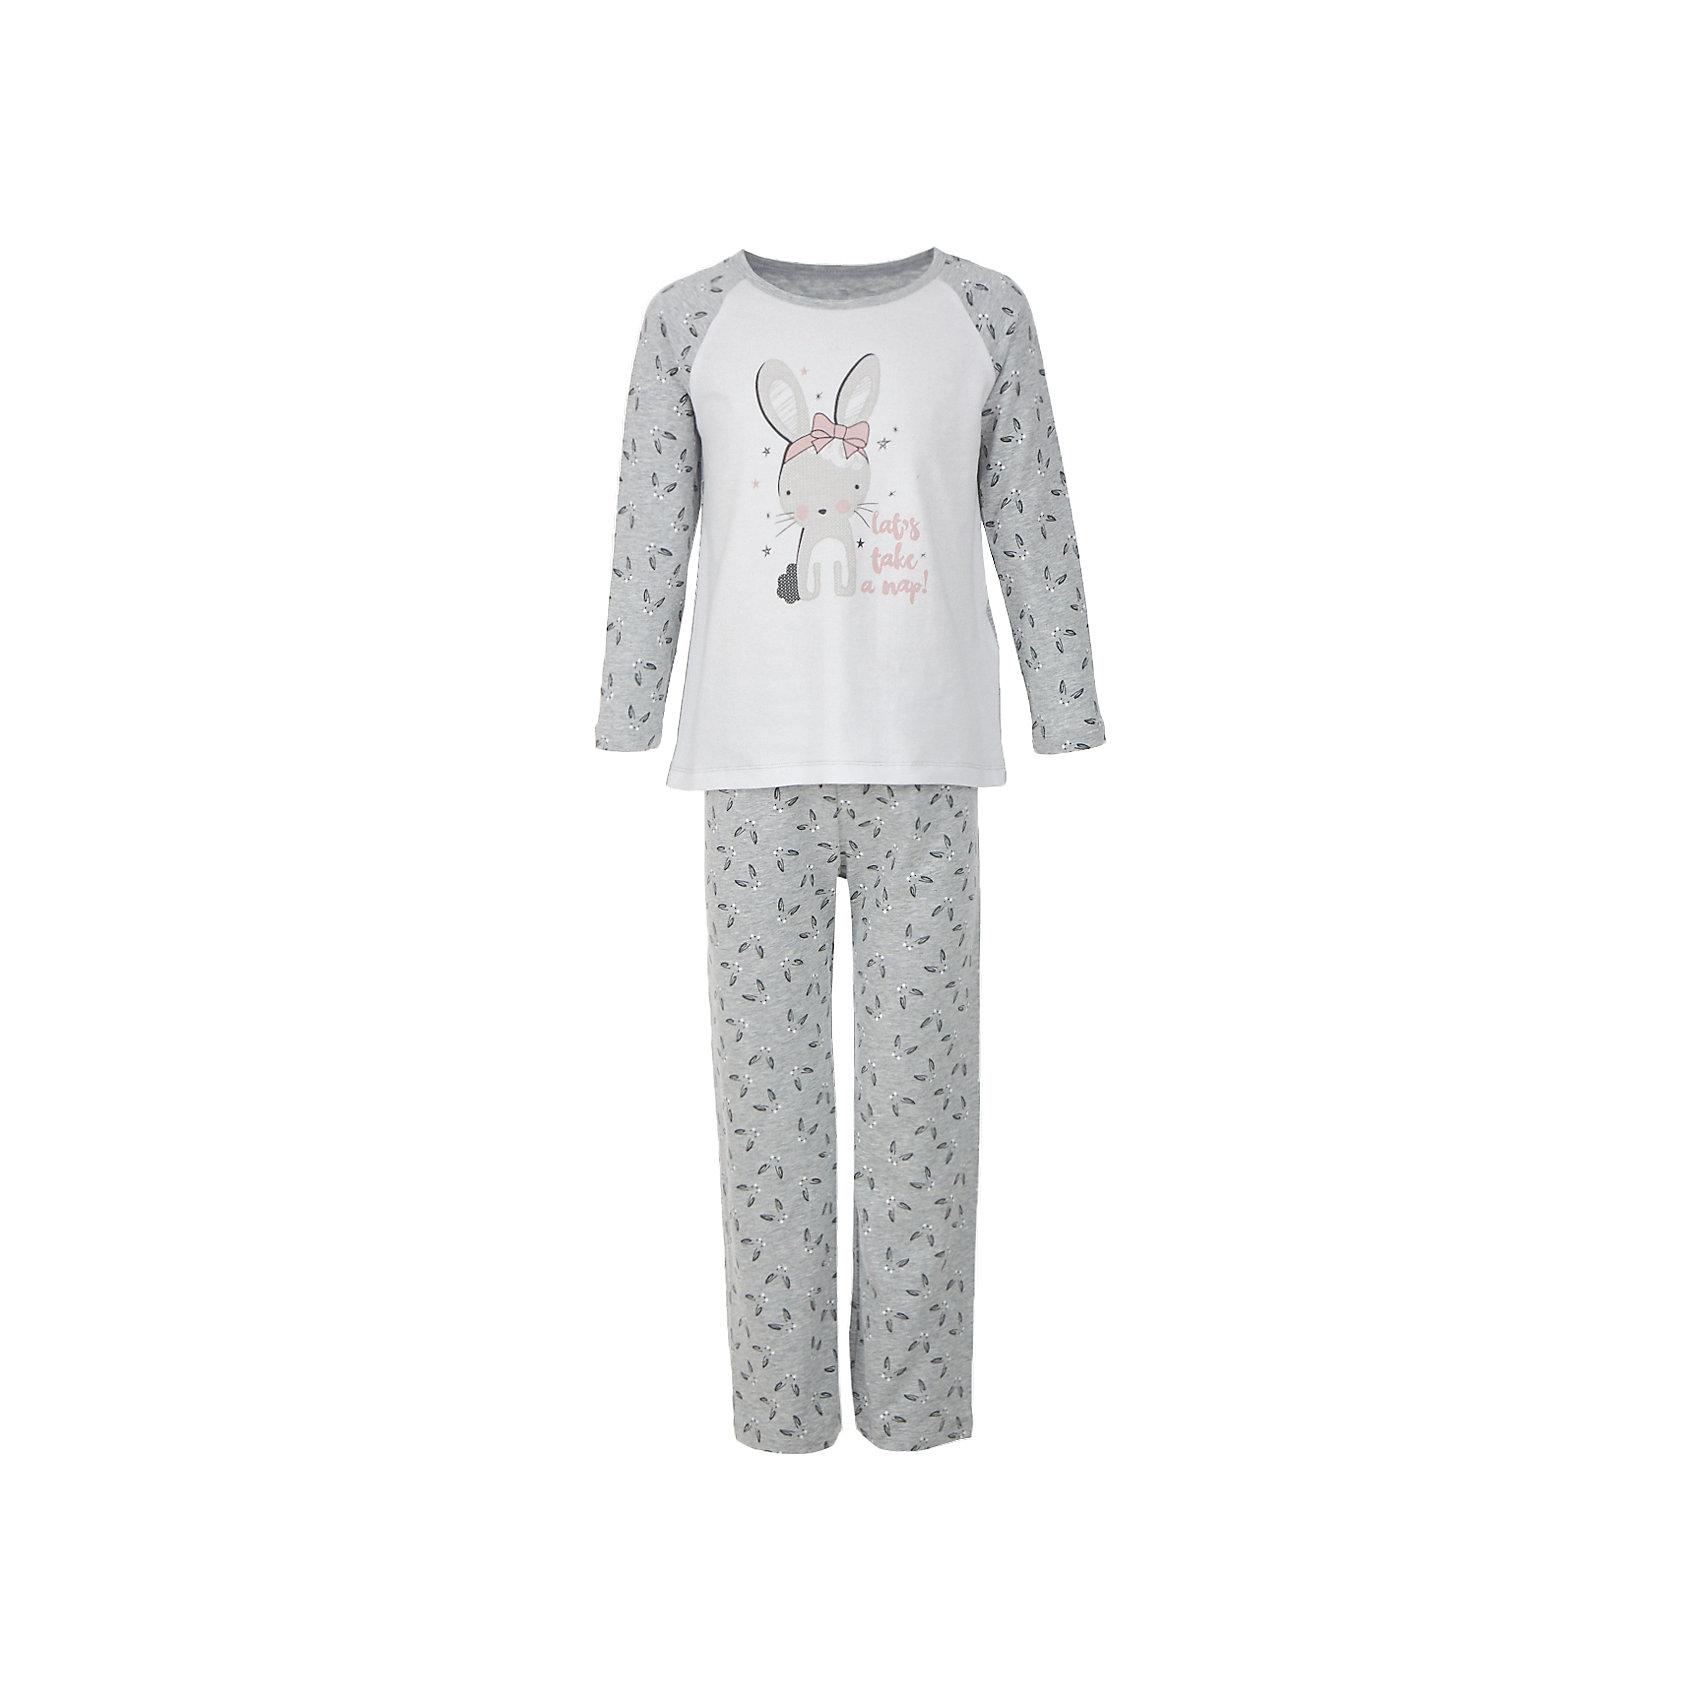 Пижама BUTTON BLUE для девочкиПижамы и сорочки<br>Пижама BUTTON BLUE для девочки<br>Уютная пижама с длинным рукавом - прекрасный комплект для комфортного сна. Если вы хотите сформировать бельевой гардероб ребенка из качественных, комфортных, приятных к телу вещей, вам стоит купить пижаму от Button Blue. Все трикотажные пижамы для девочек украшает крупный интересный  принт.<br>Состав:<br>95% хлопок           5% эластан<br><br>Ширина мм: 281<br>Глубина мм: 70<br>Высота мм: 188<br>Вес г: 295<br>Цвет: серый<br>Возраст от месяцев: 132<br>Возраст до месяцев: 144<br>Пол: Женский<br>Возраст: Детский<br>Размер: 152,98,104,116,128,140<br>SKU: 7039313